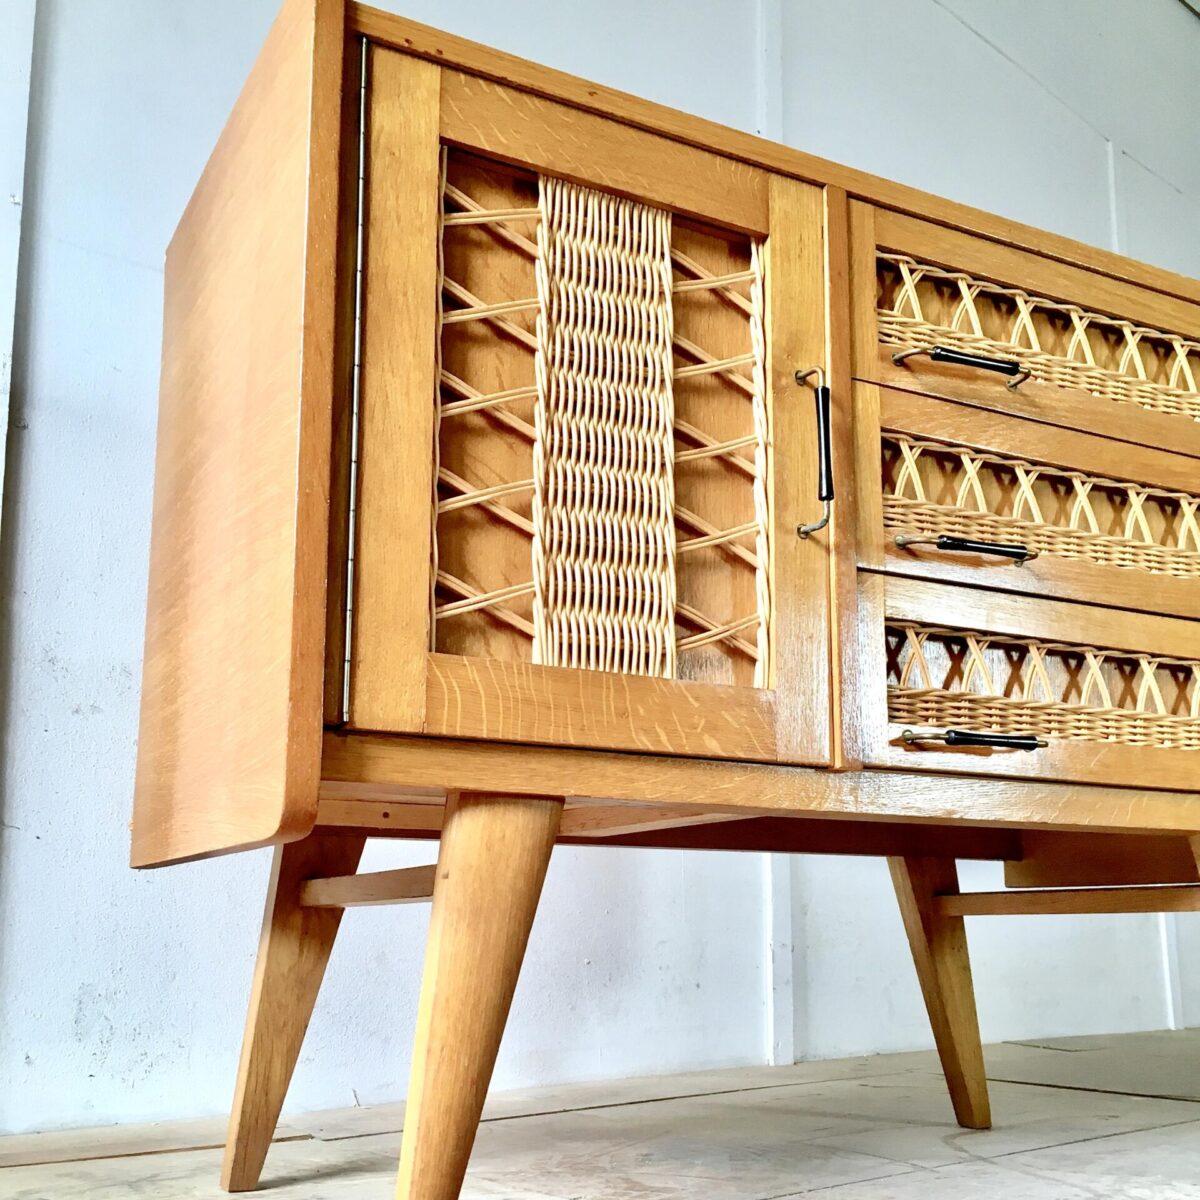 midcentury Sideboard, vintage Sideboard, vintagemöbel kaufen, Occasion designklassiker, Retro Möbel, Möbel secondhand, zweites Leben, restaurierte Möbel, Antiquitäten